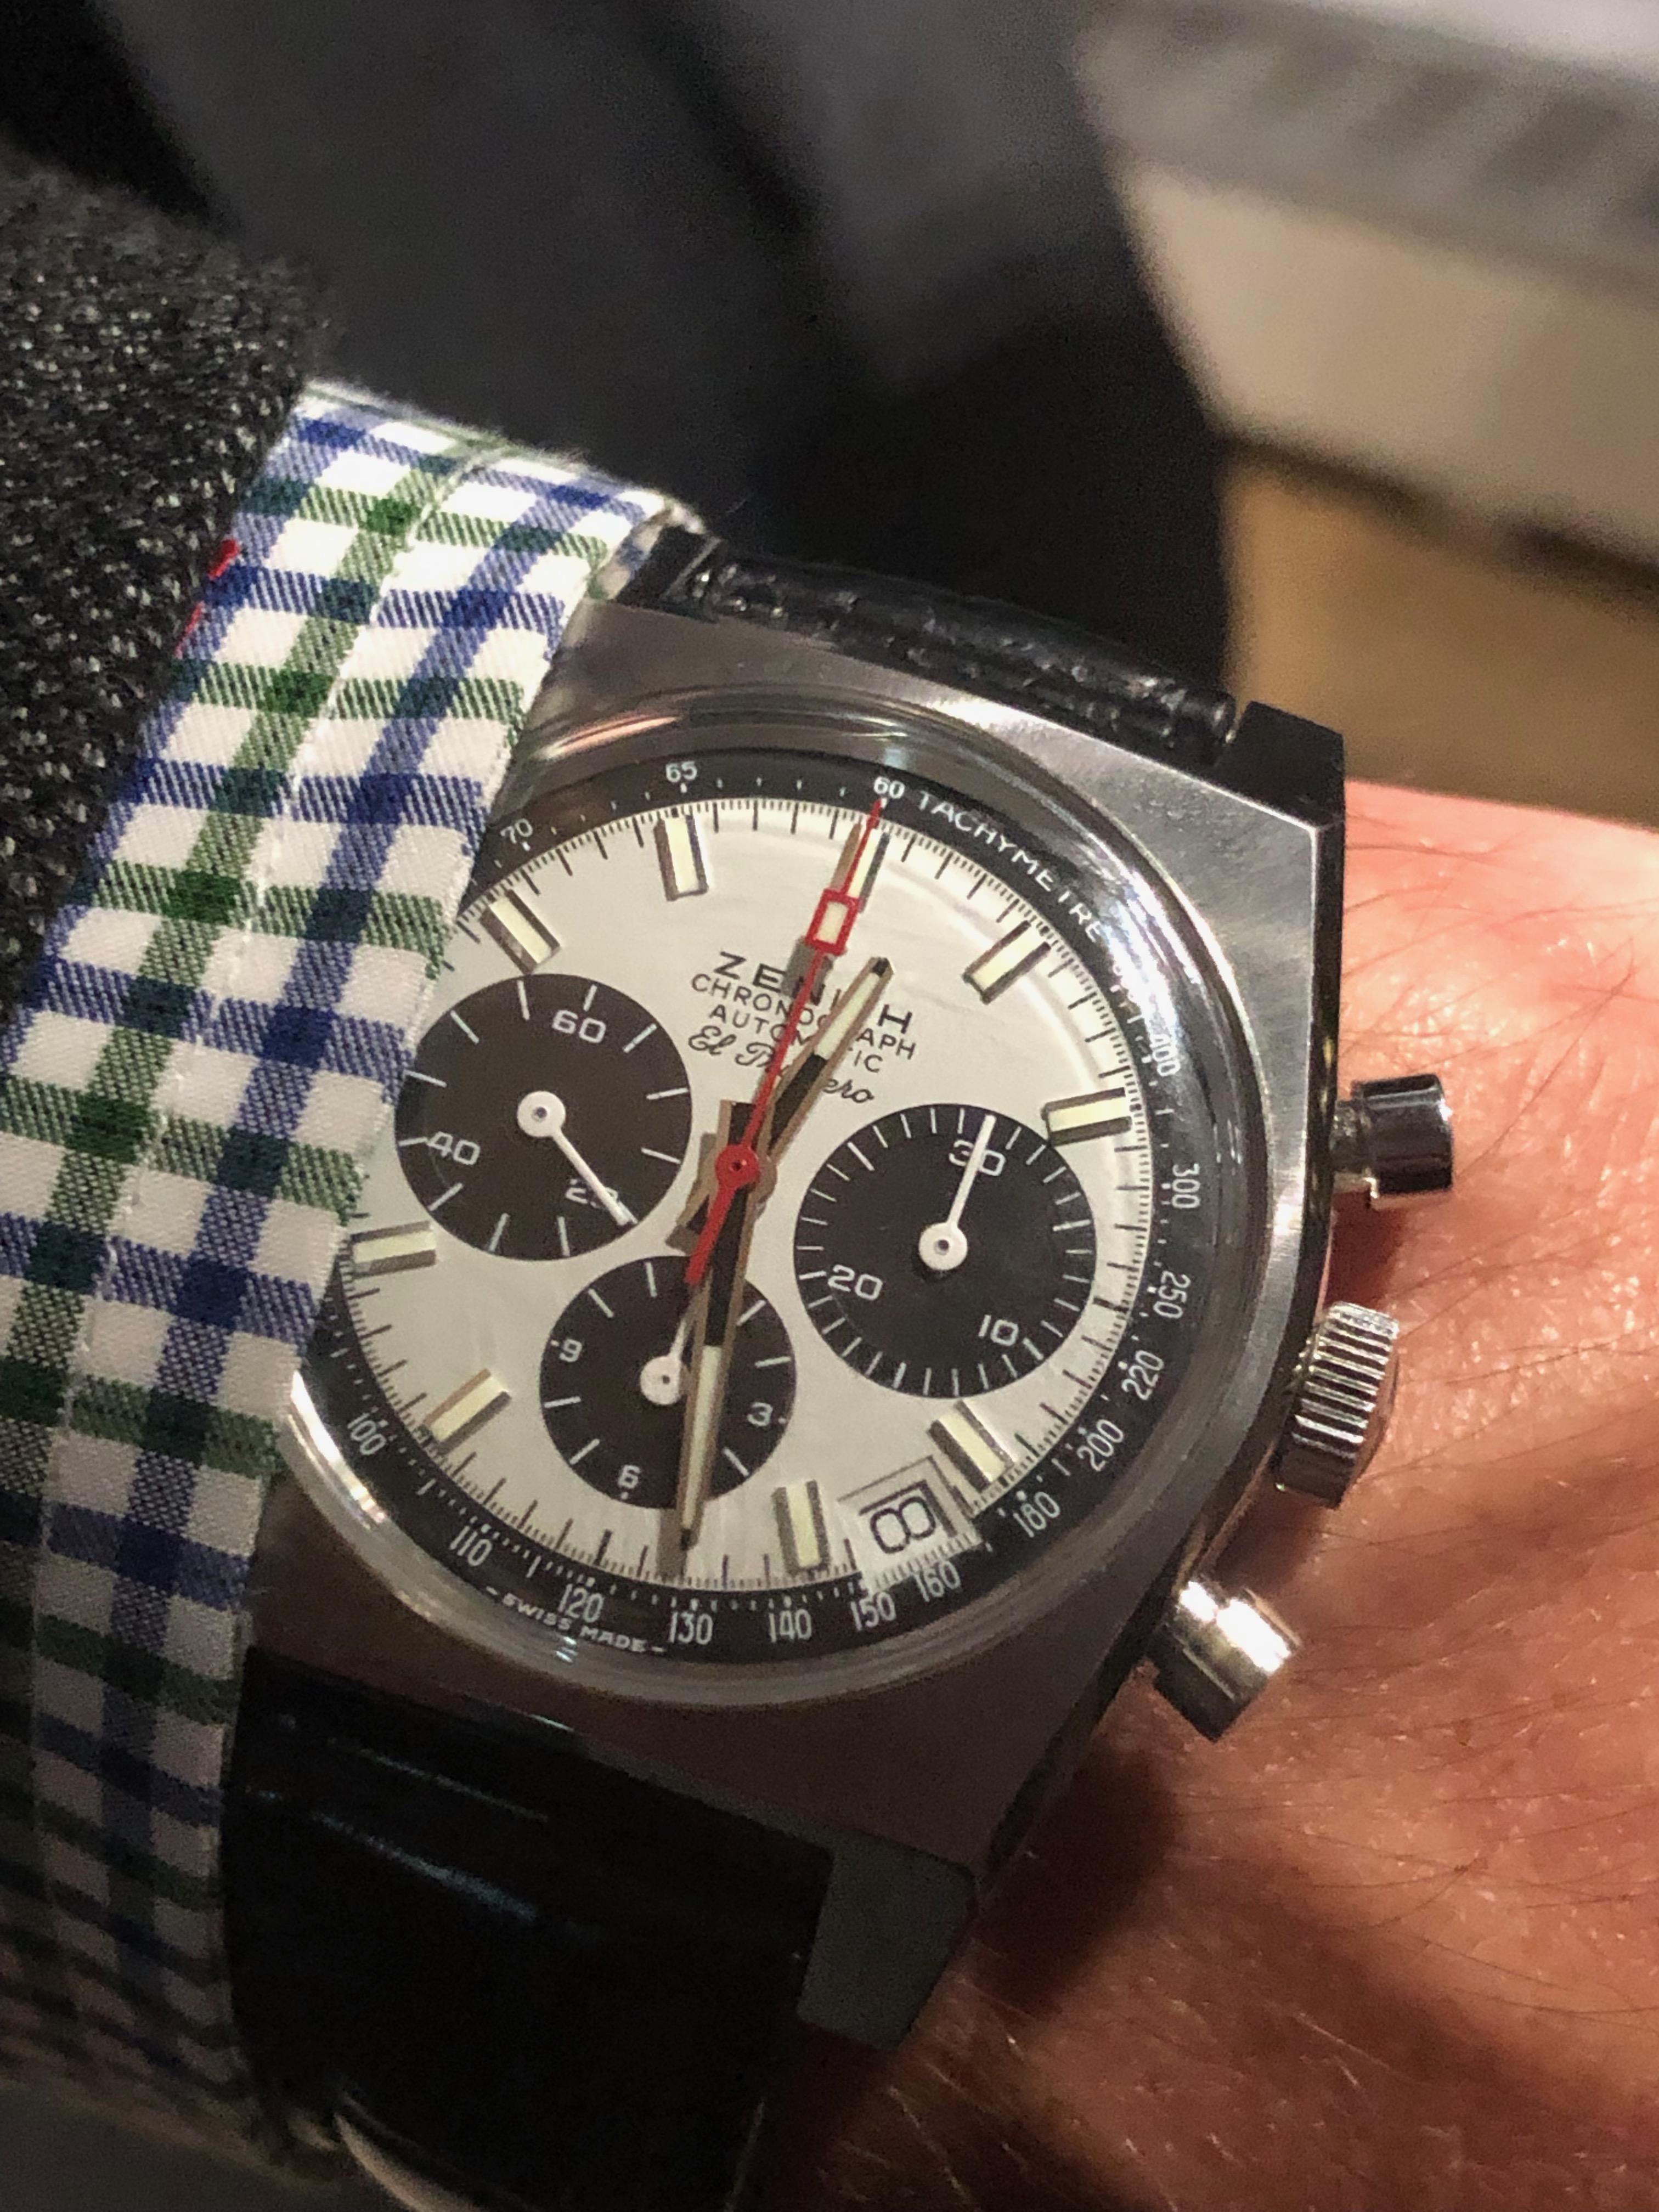 Zenith El Primero A384 Revival  Watch